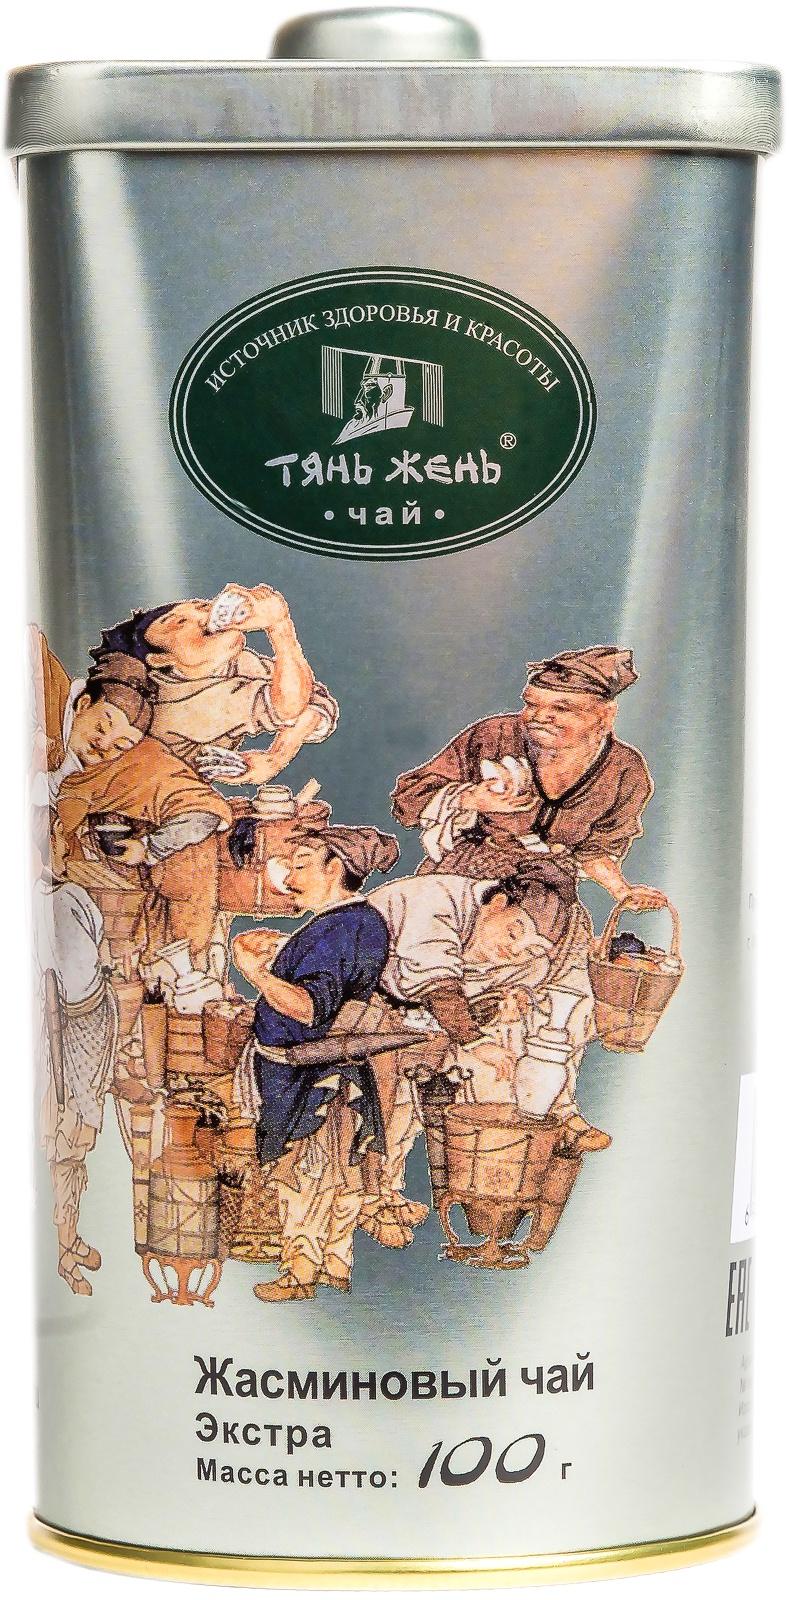 Чай листовой Тянь Жень Экстра жасминовый, 100 г сад дань чай травяной чай жасминовый чай жасминовый чай типпи 100г мешок